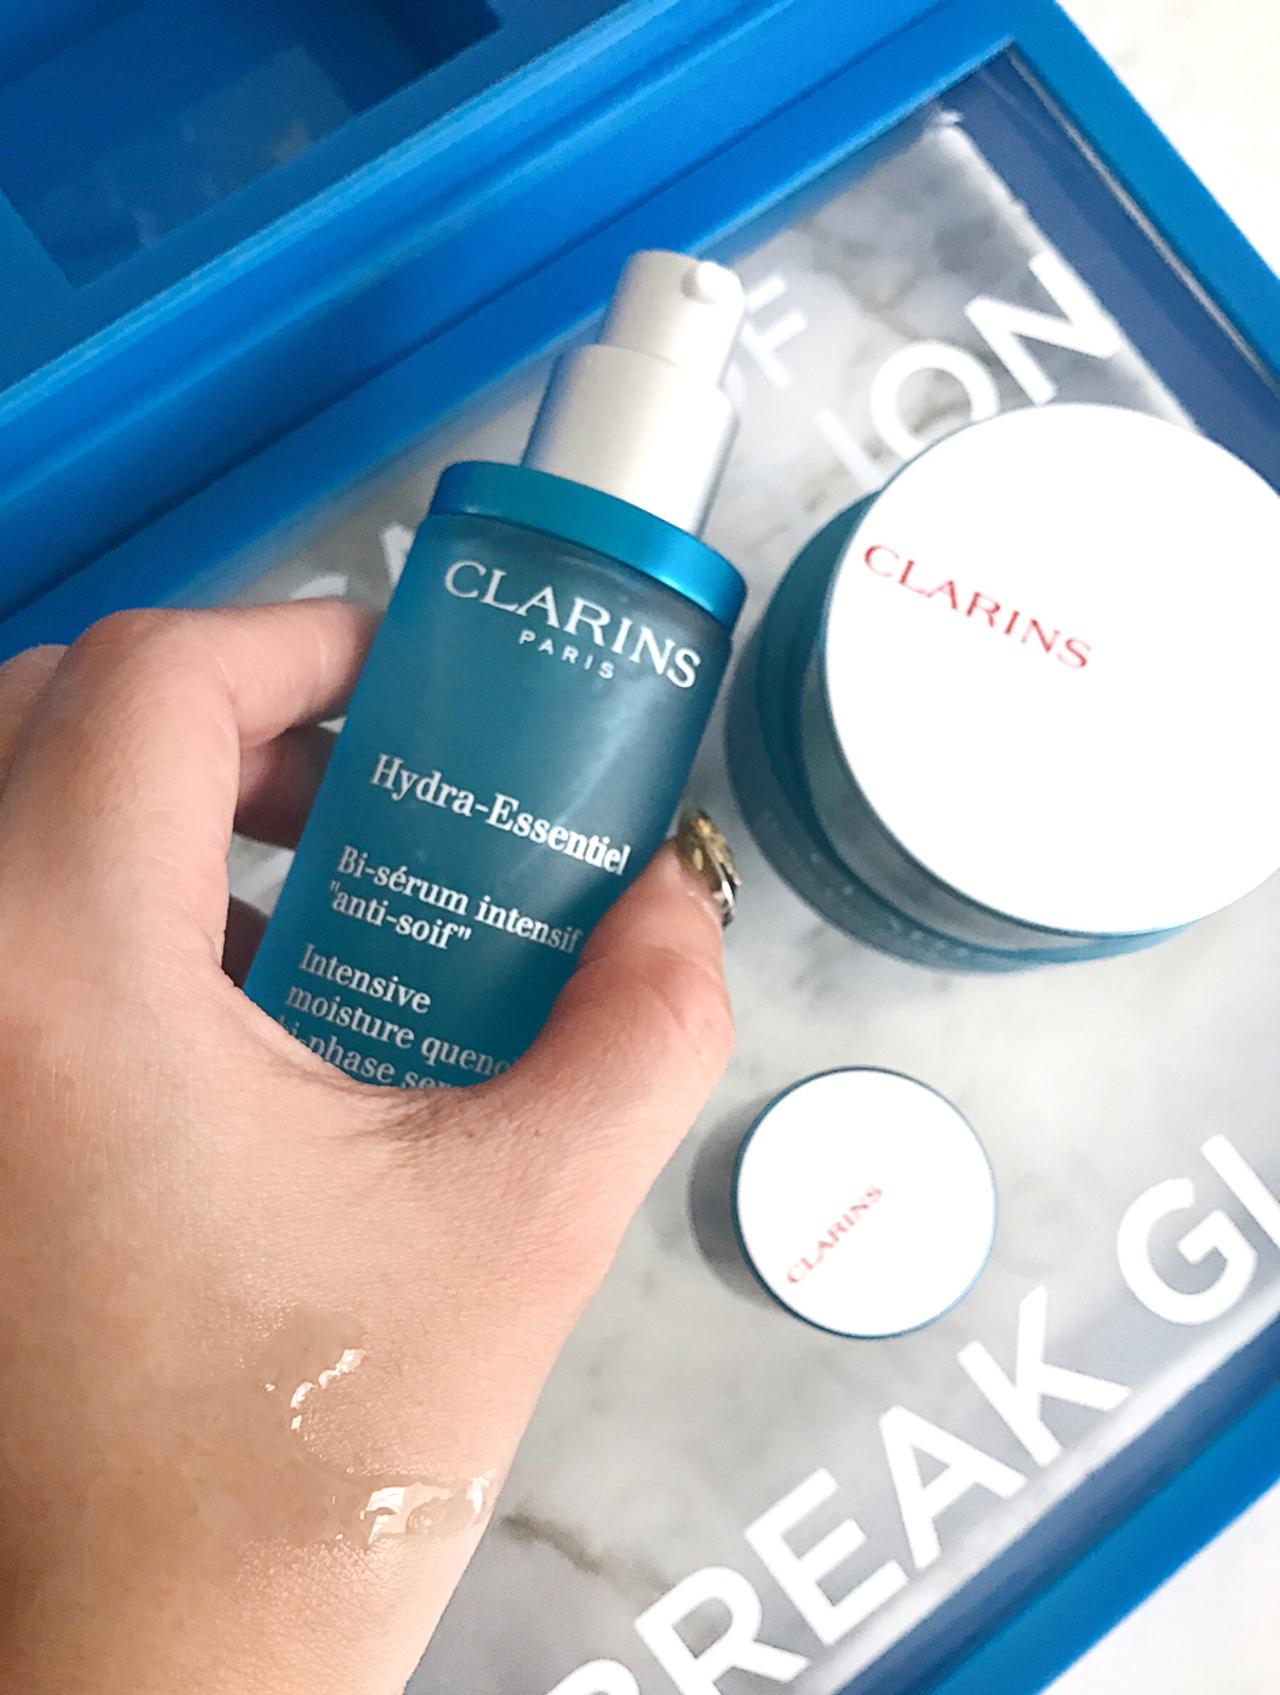 Clarins Hydra-Essentiel Biphase Serum swatch